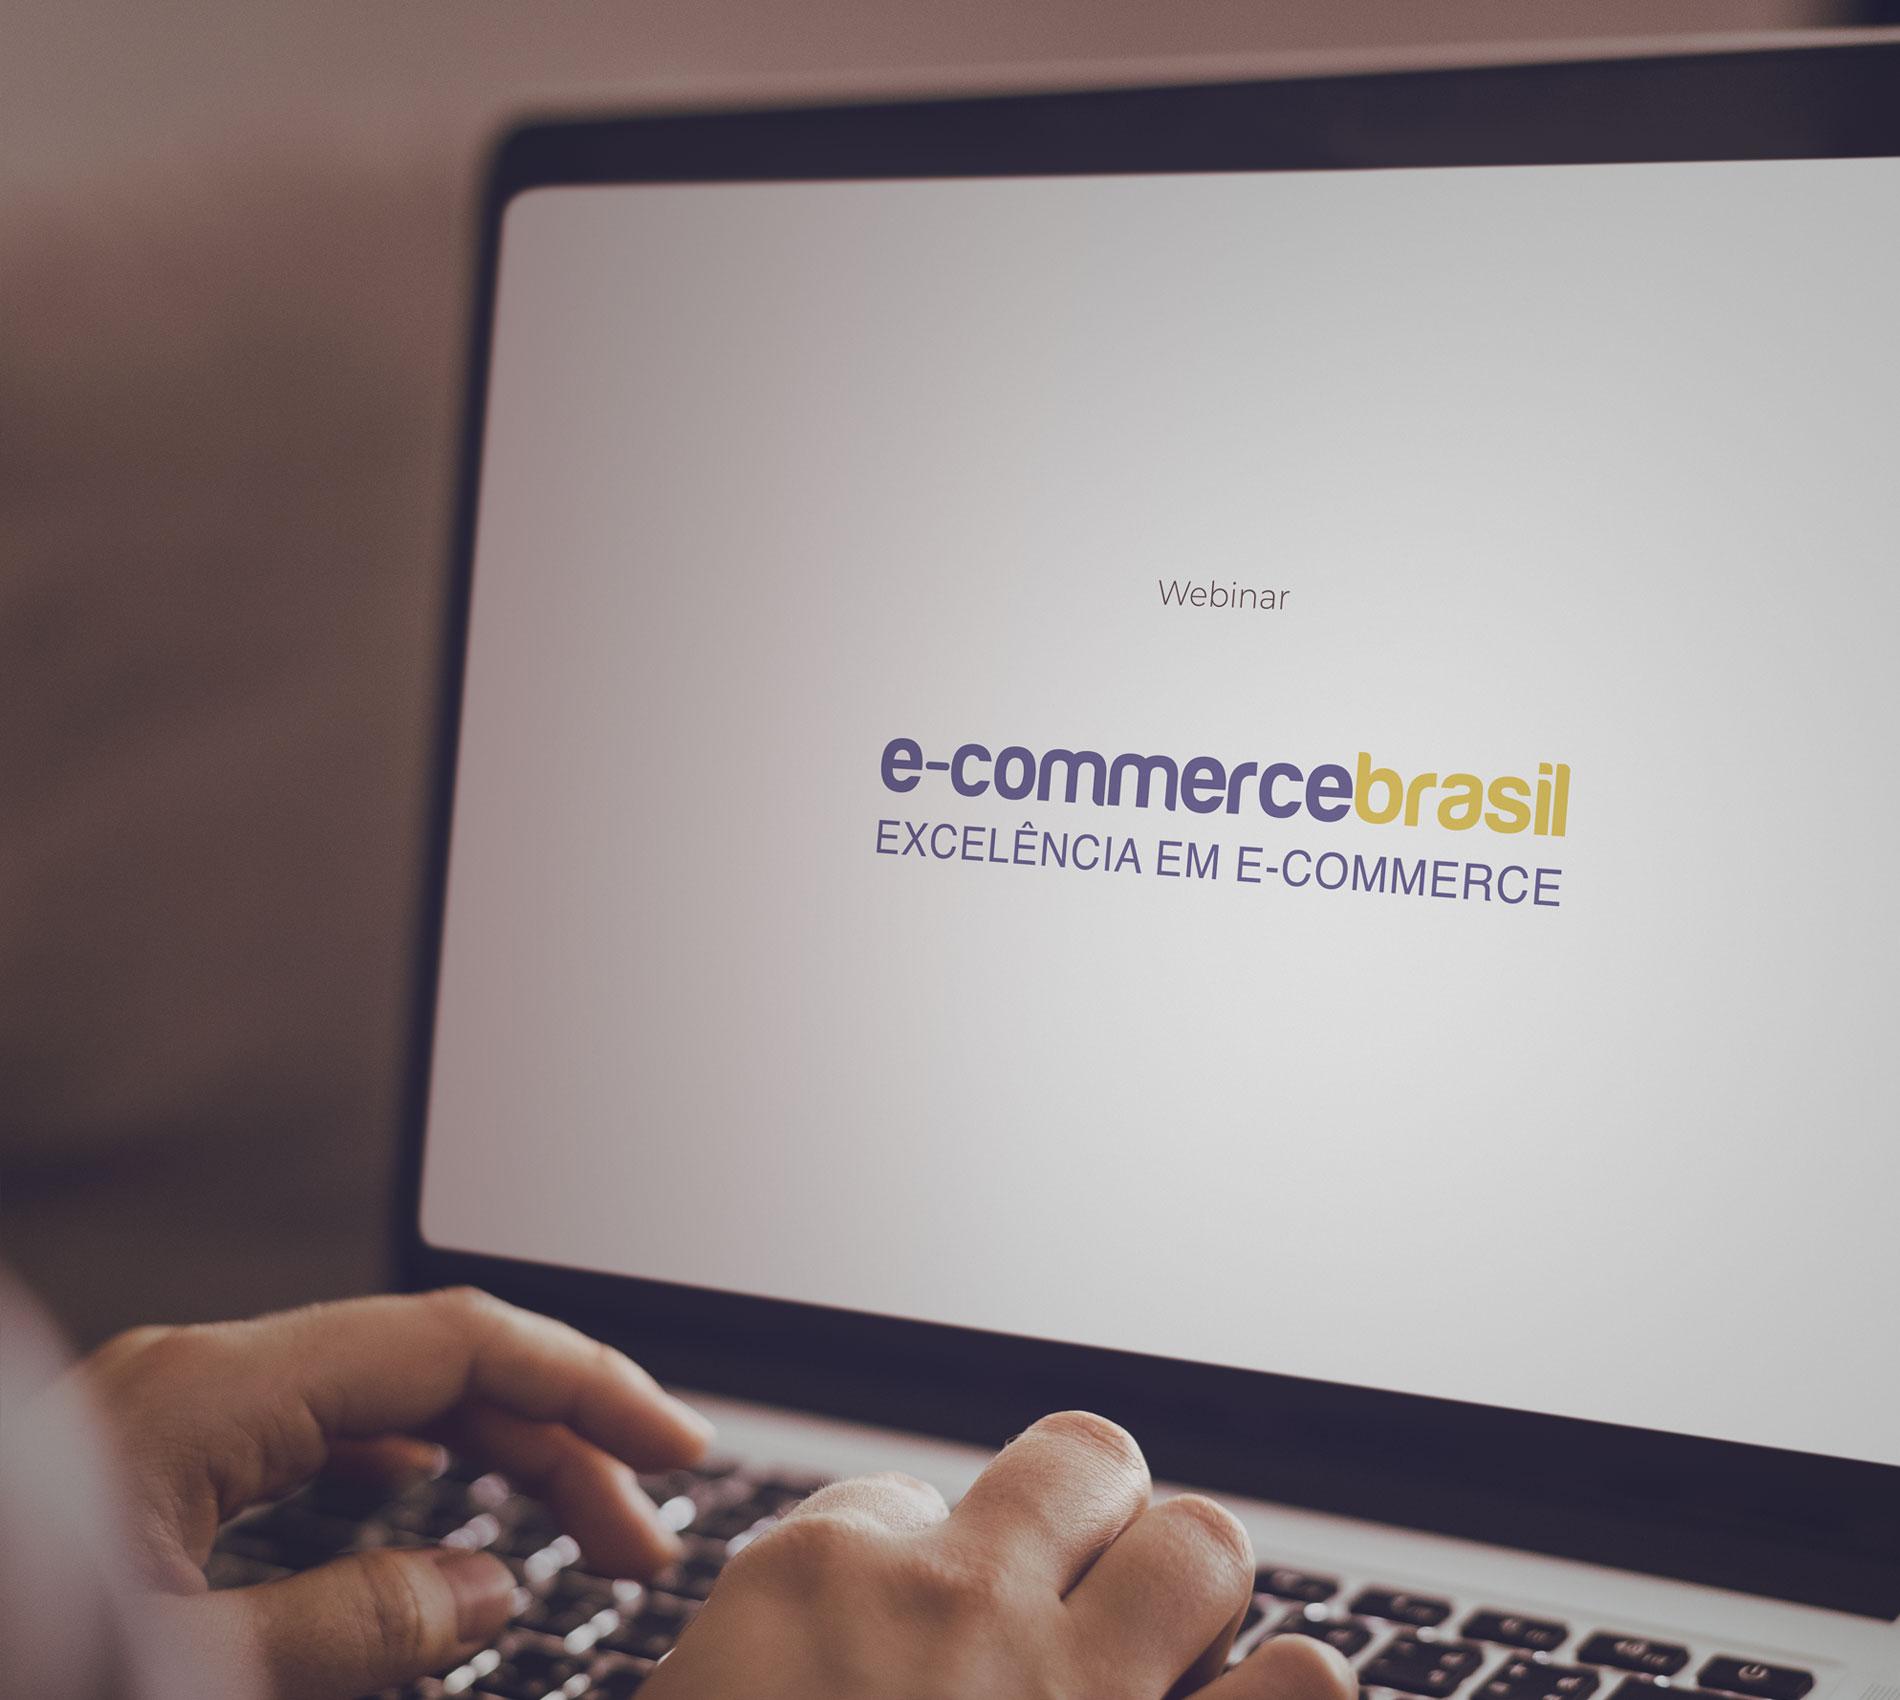 Webinar E-commerce Brasil 2020